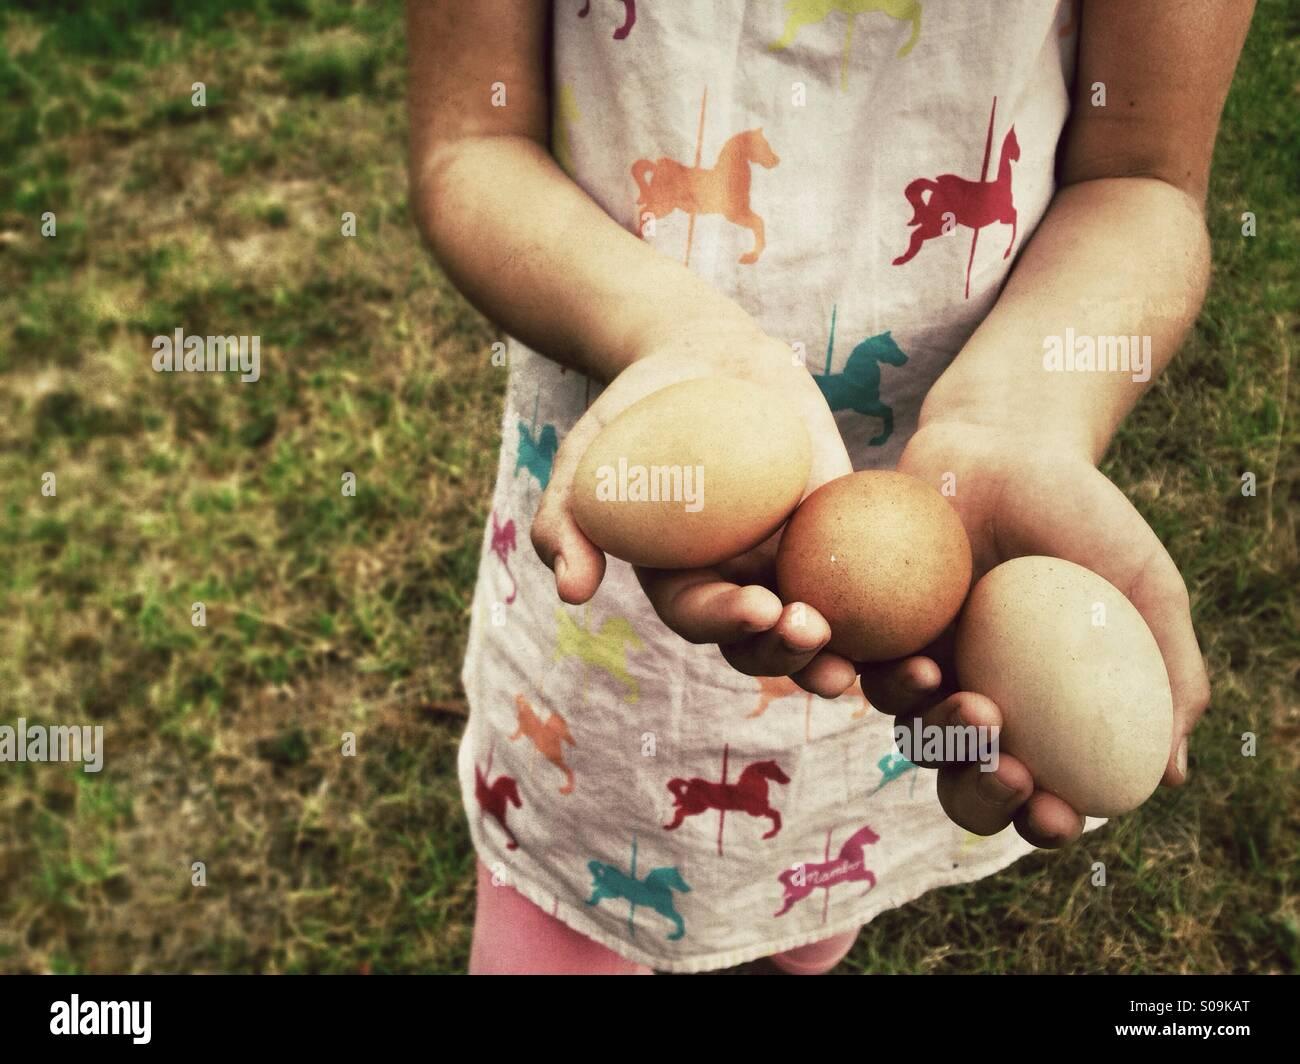 Trois œufs frais dans les mains d'un enfant. Photo Stock